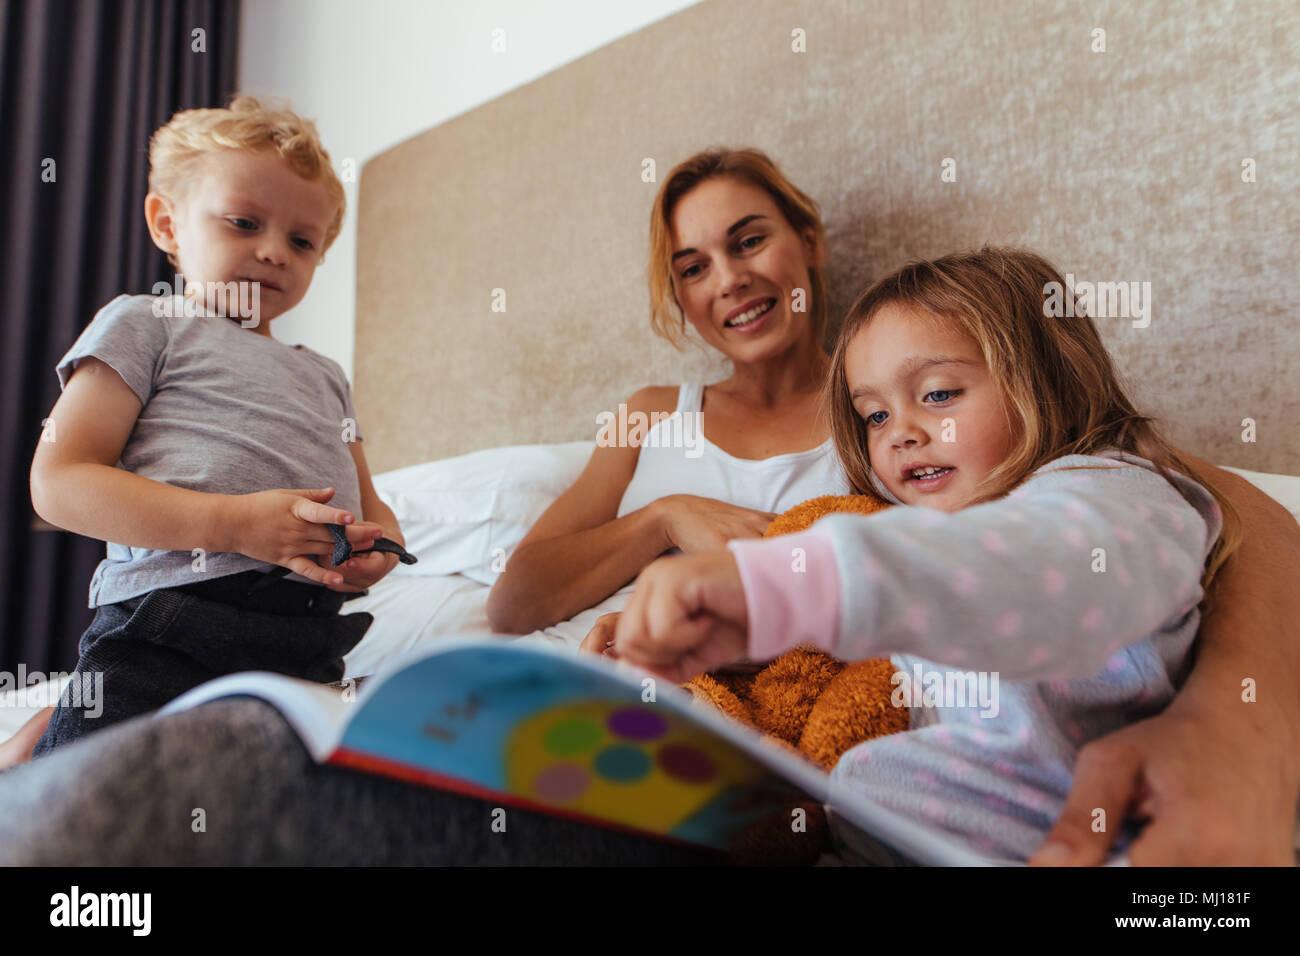 Joven mamá con sus hijos en la cama leyendo un libro de cuentos. Cute Little Girl apuntando a storybook mientras está sentada con su madre y su hermano en la cama. Imagen De Stock